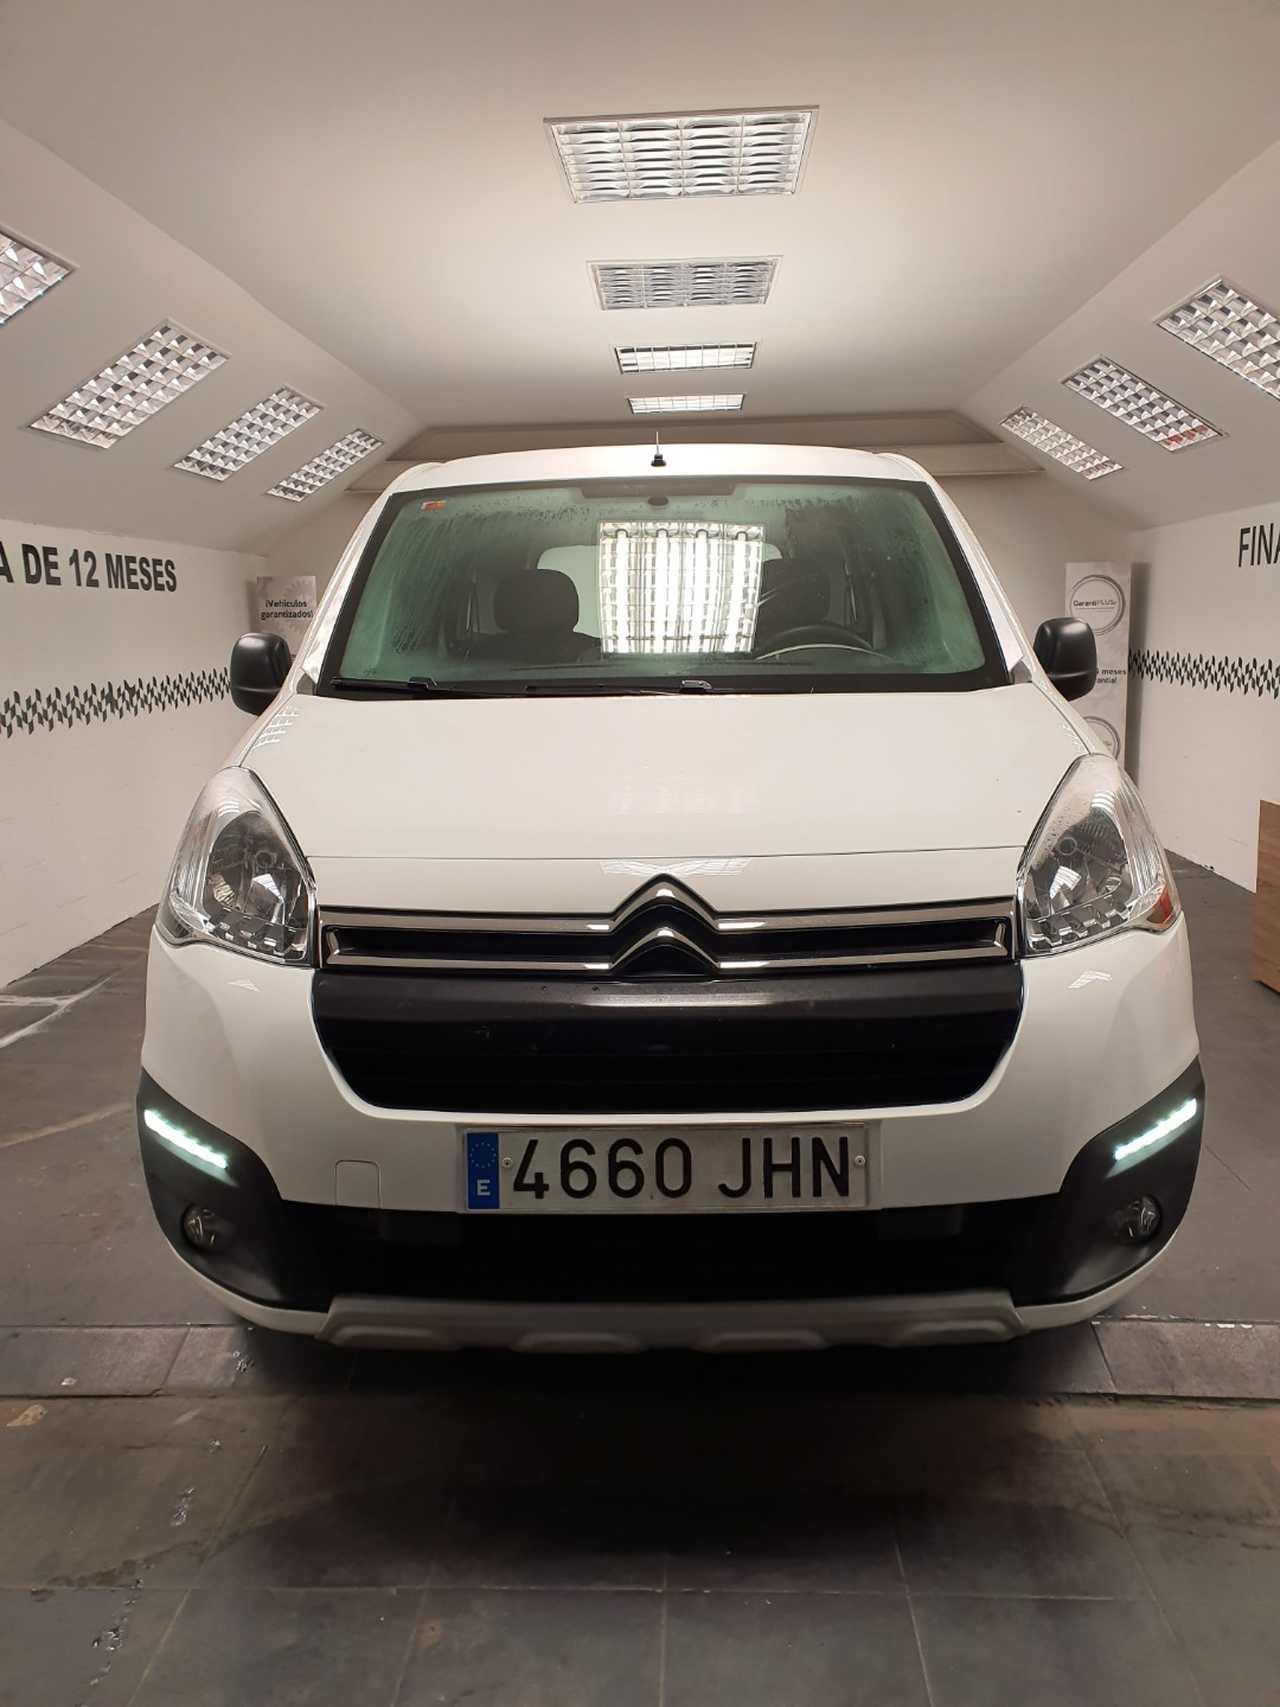 Citroën Berlingo 1.6 HDI   - Foto 1